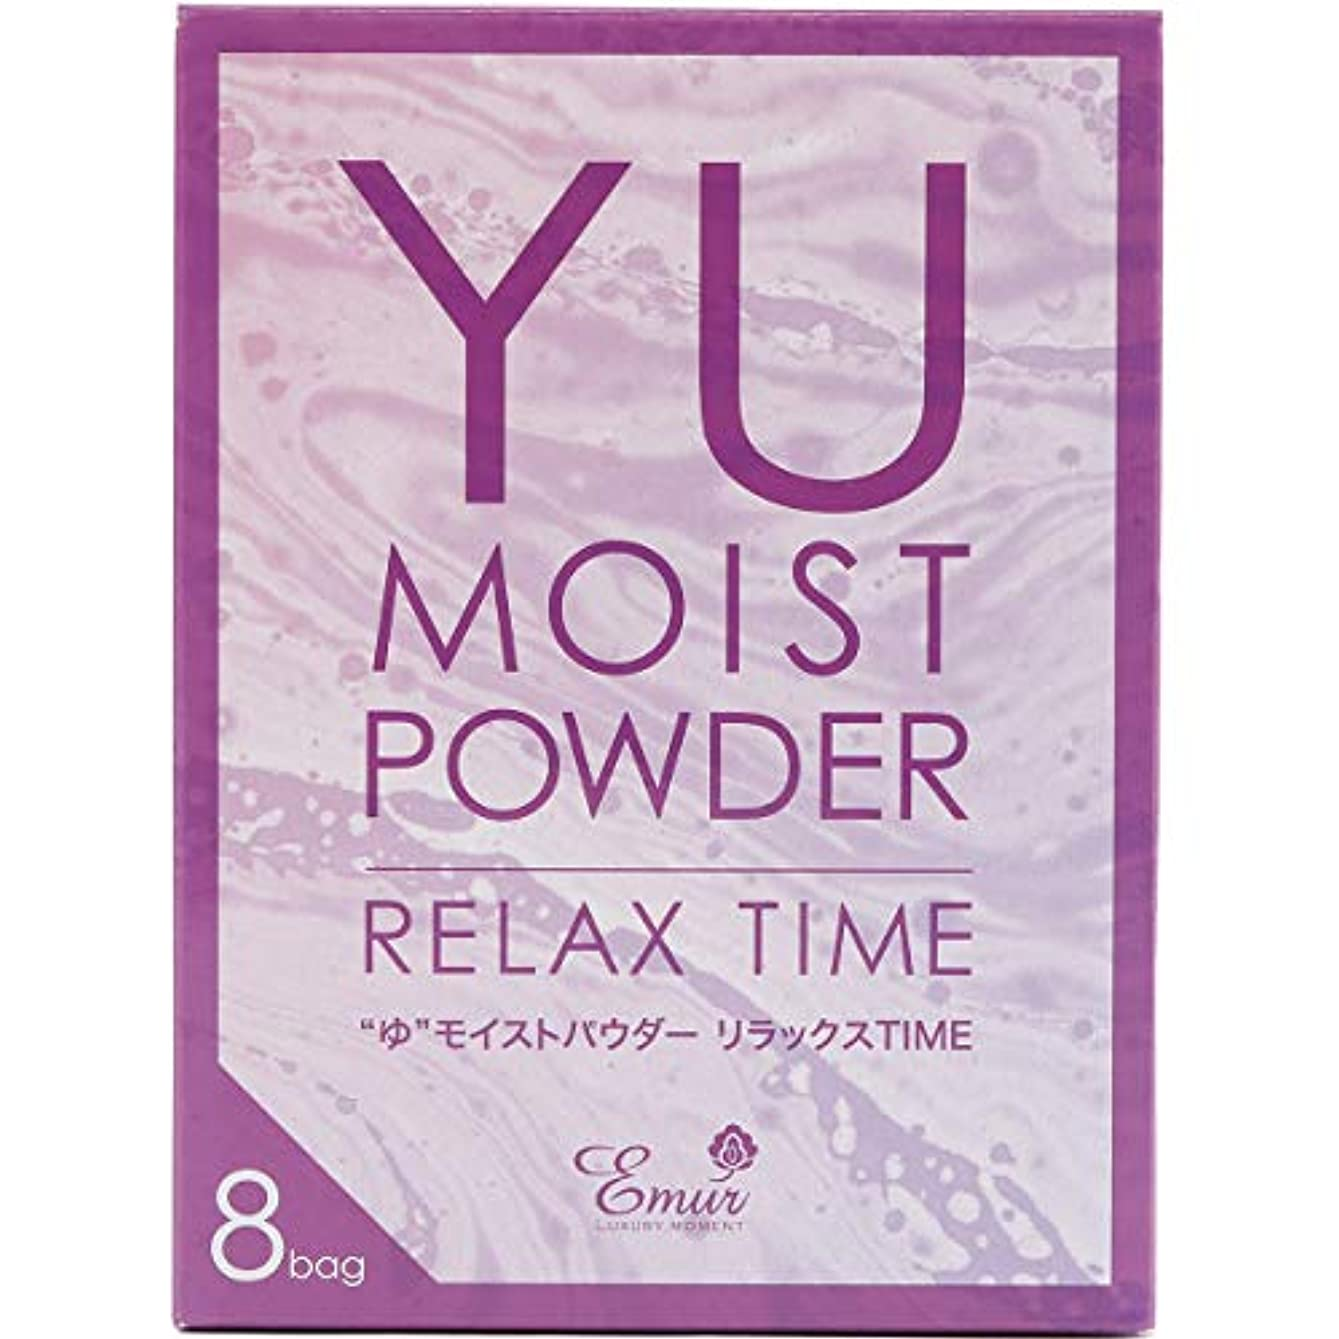 小説家ロースト努力ネイチャーラボ Yu モイストパウダー リラックスタイム 入浴剤 ラベンダー?ジュニパーの香り 25g×8包